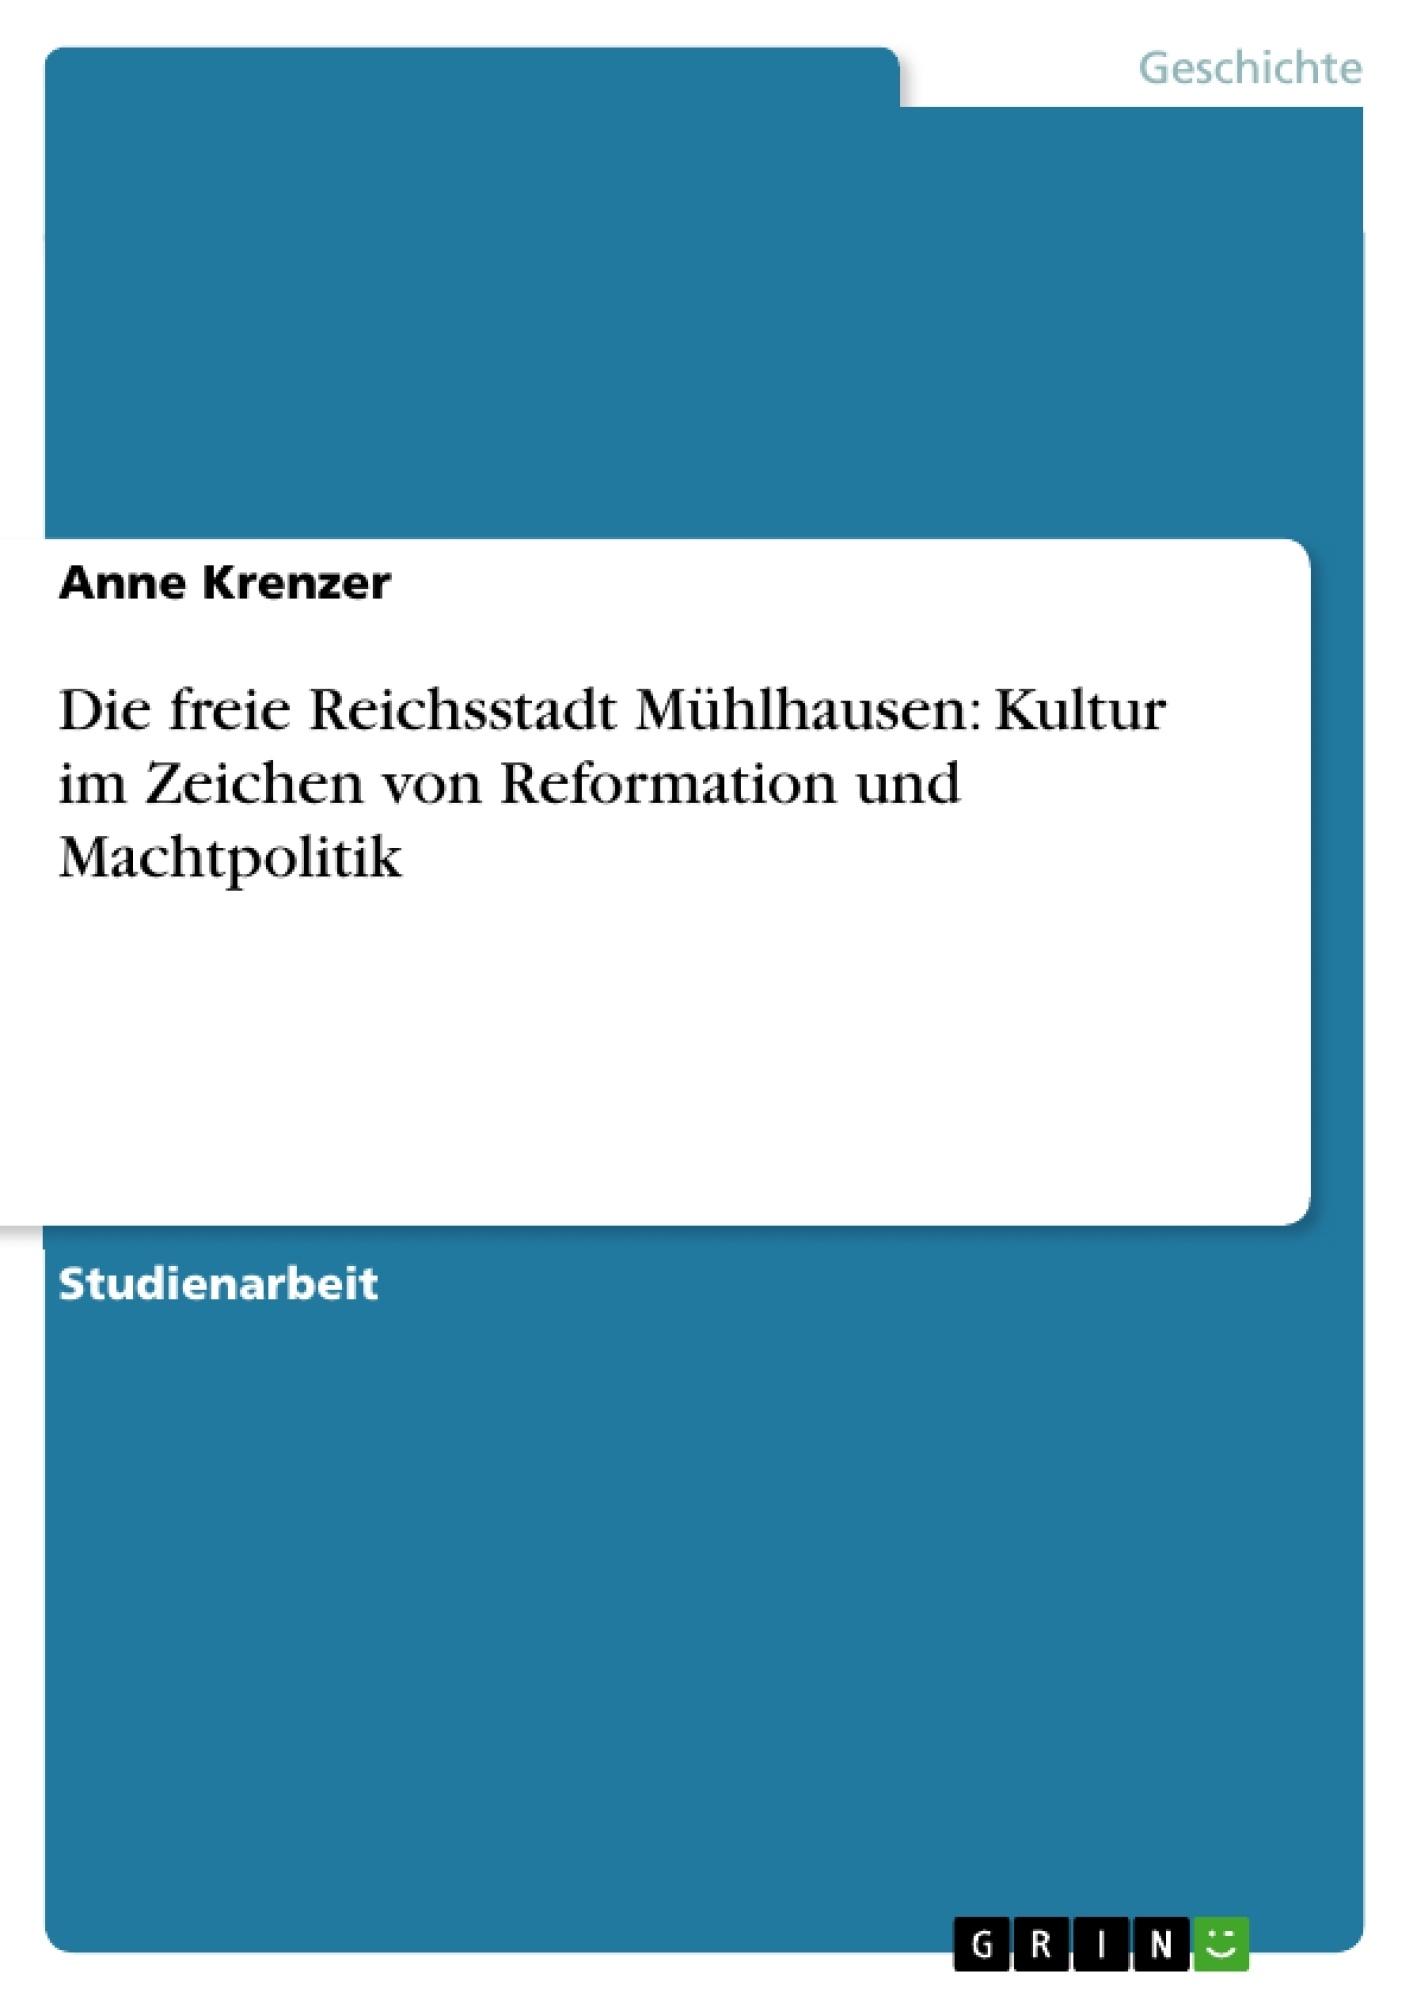 Titel: Die freie Reichsstadt Mühlhausen: Kultur im Zeichen von Reformation und Machtpolitik